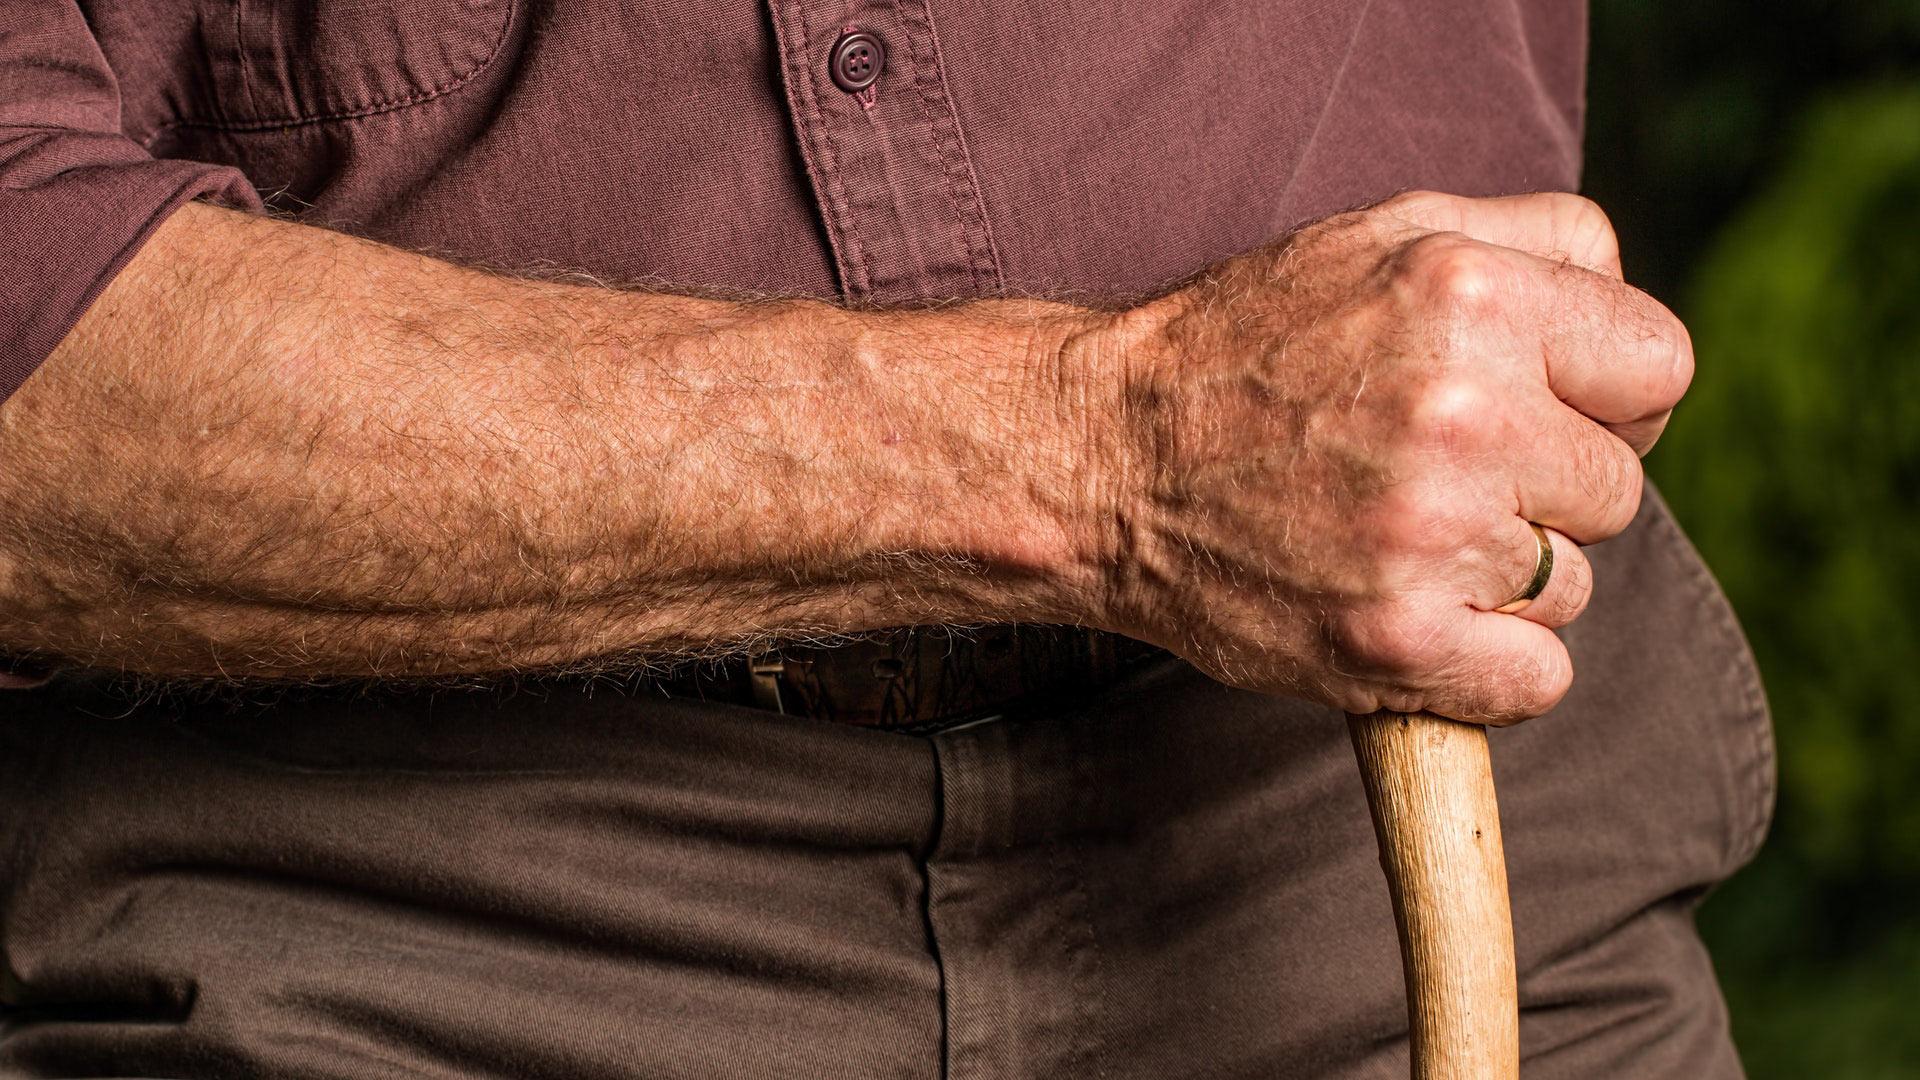 Mayores de 70 años tendrán 3 salidas semanales desde junio